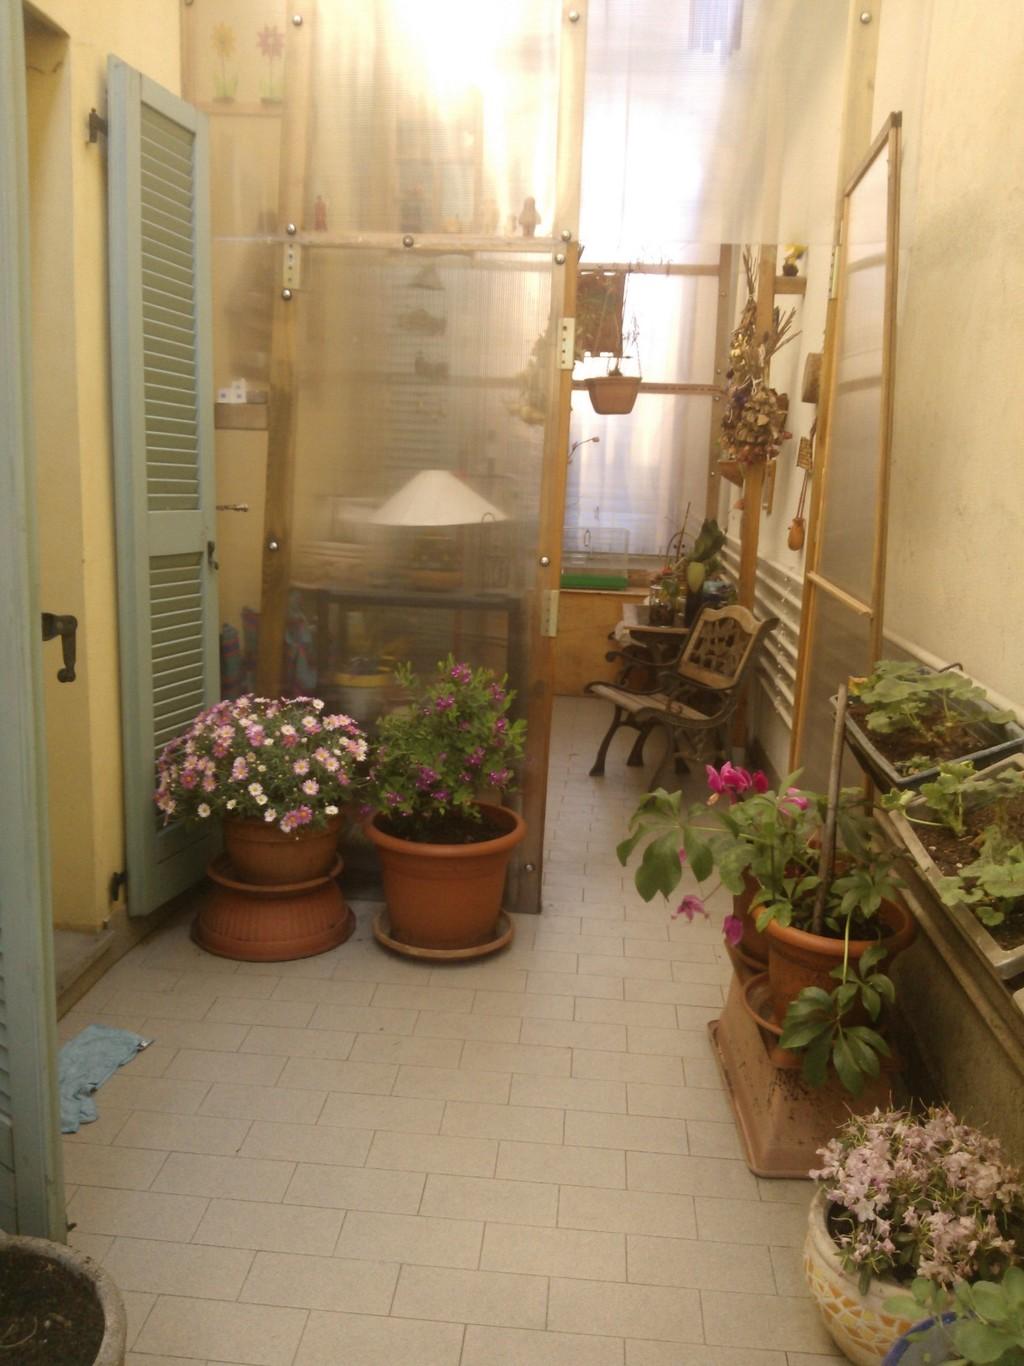 camera-condivisa-in-appartamento-amplia-